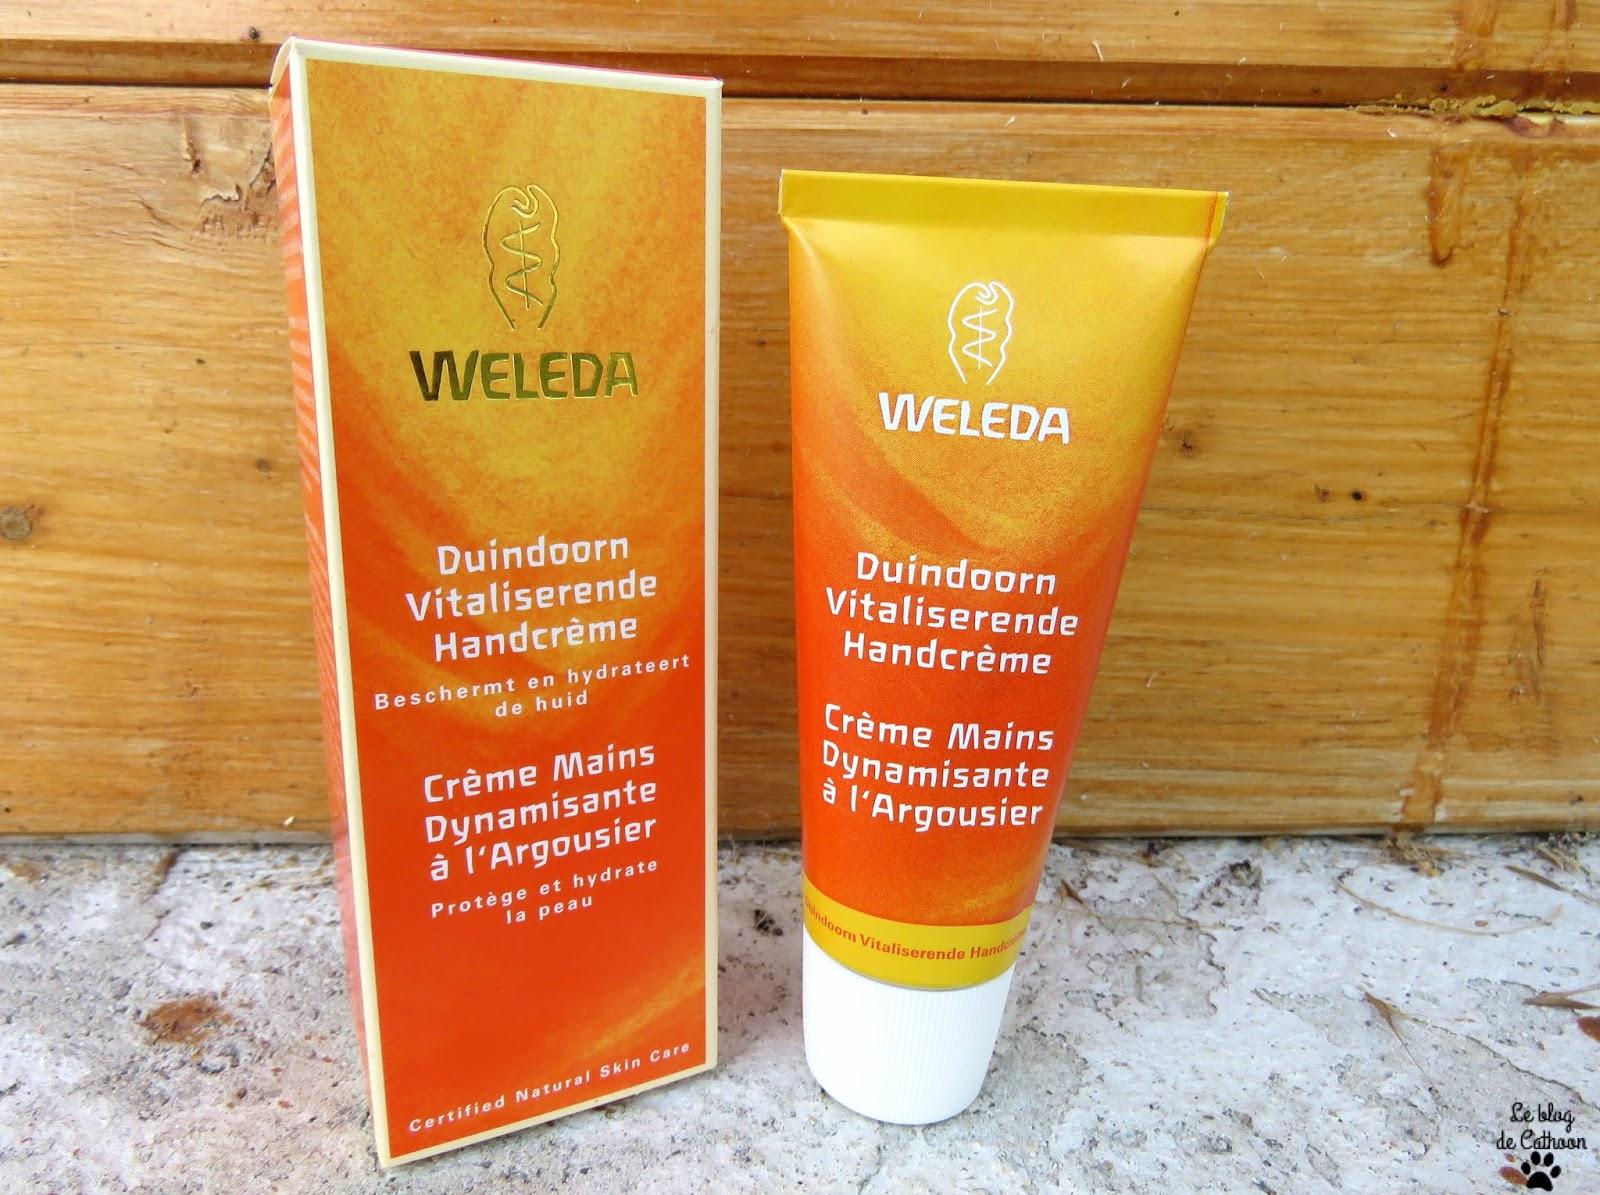 Crème Mains Dynamisante à l'Argousier - Weleda